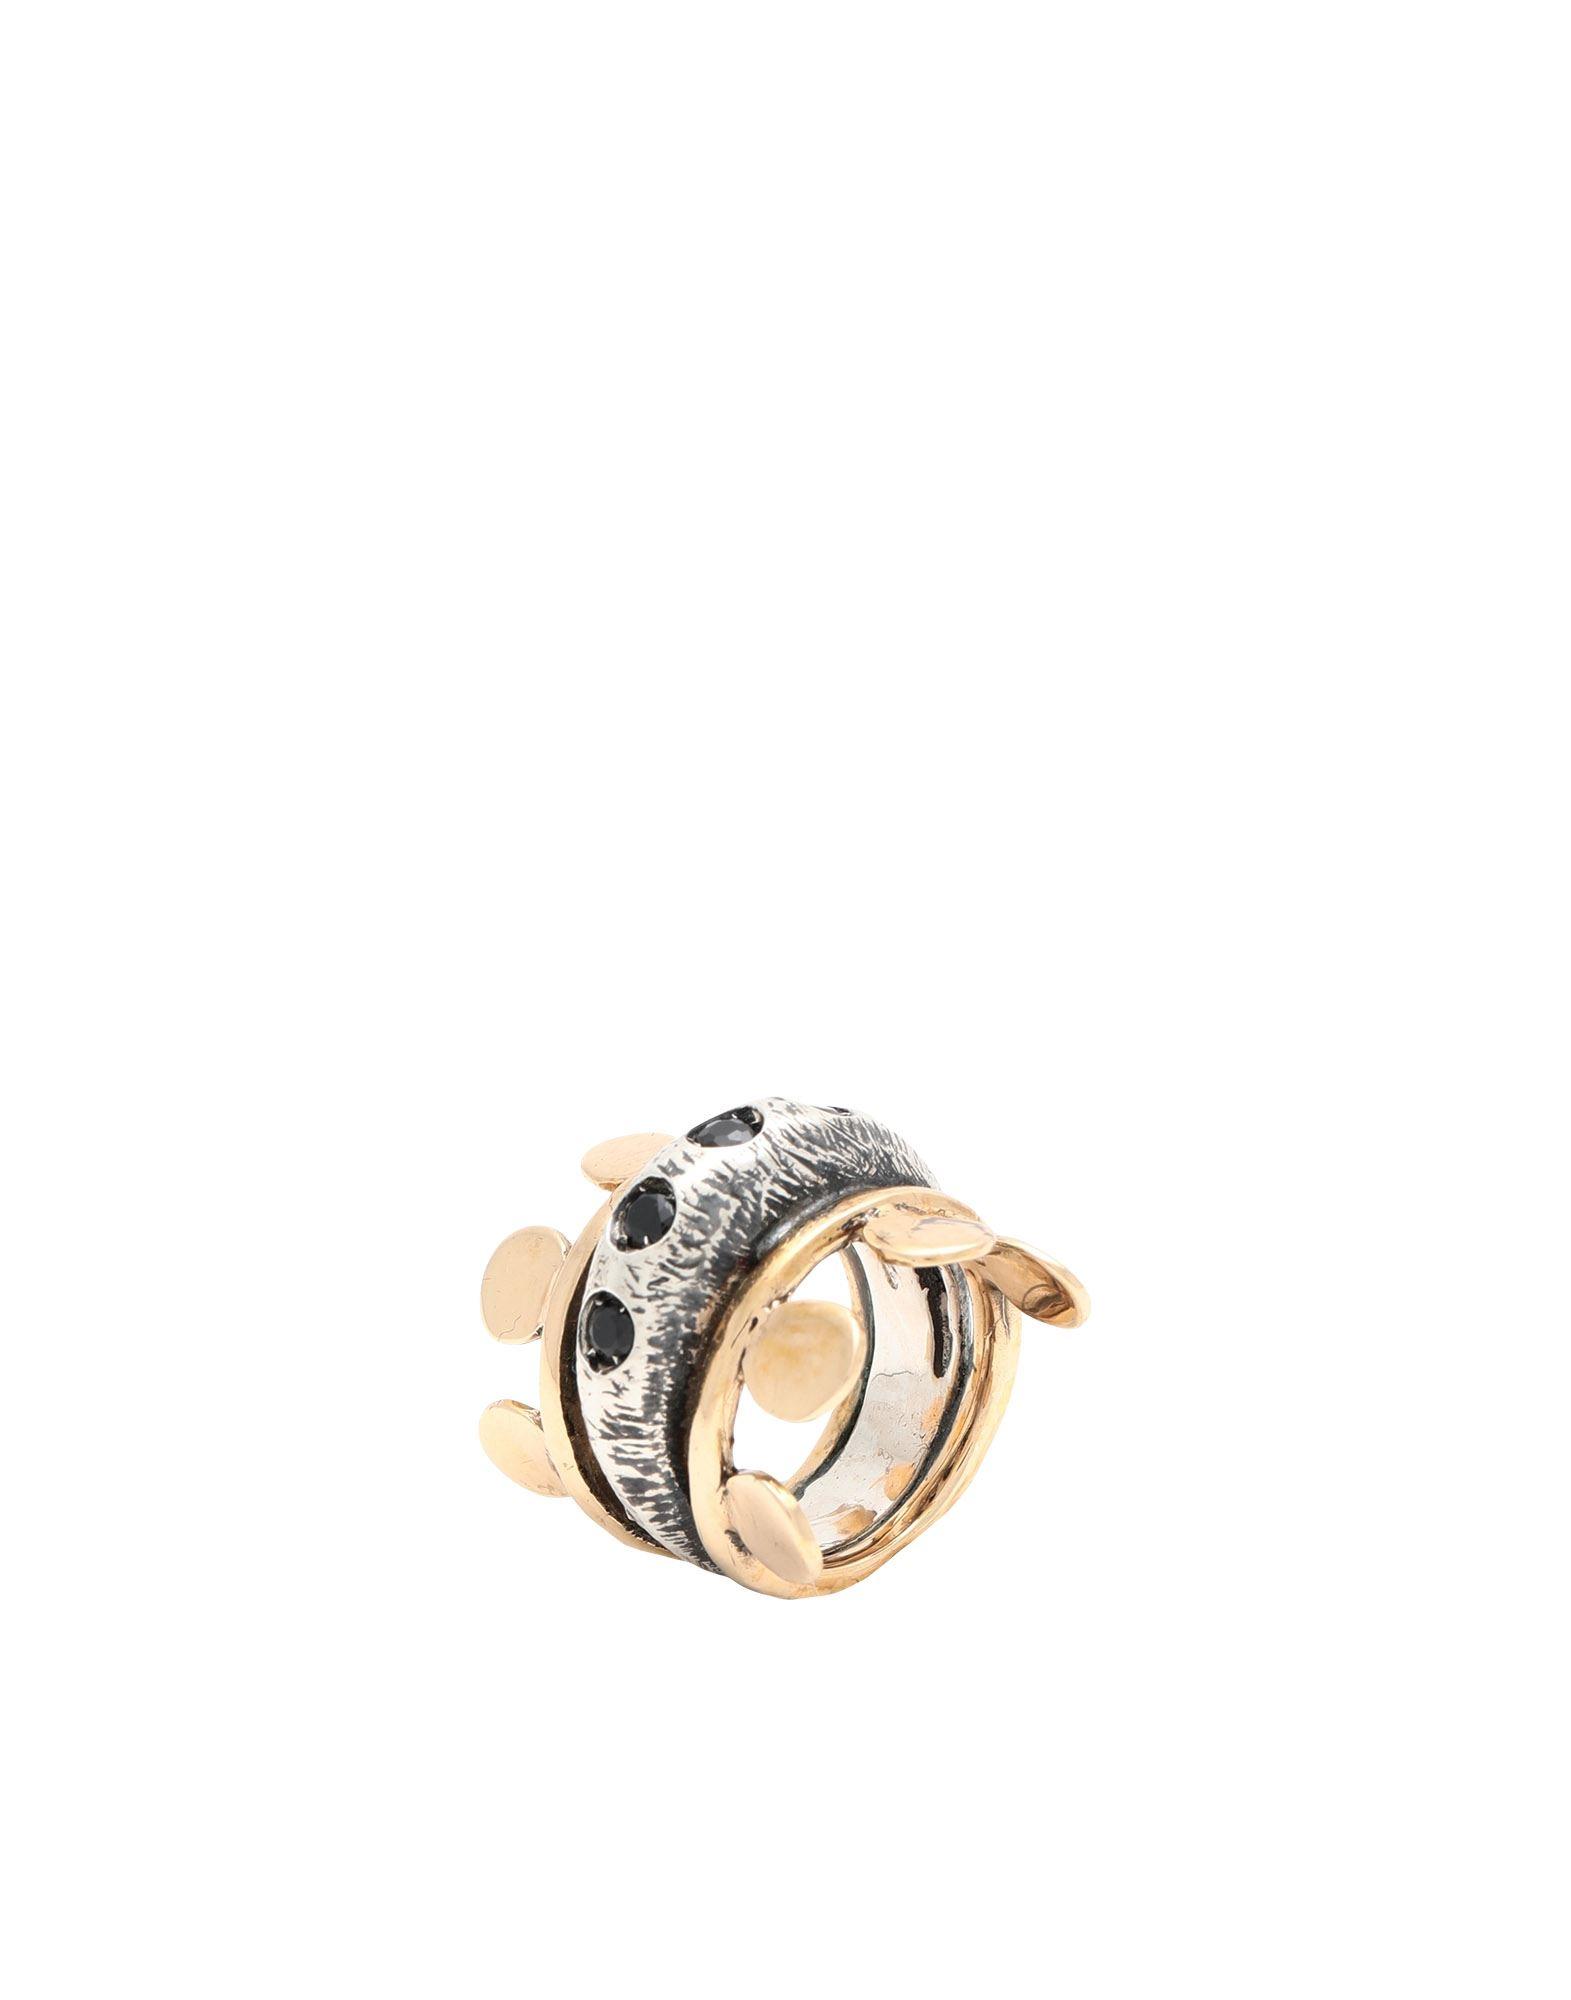 《セール開催中》VOODOO JEWELS レディース 指輪 シルバー 54 ブロンズ / シルバー925/1000 / マーカサイト IMPERIAL RING